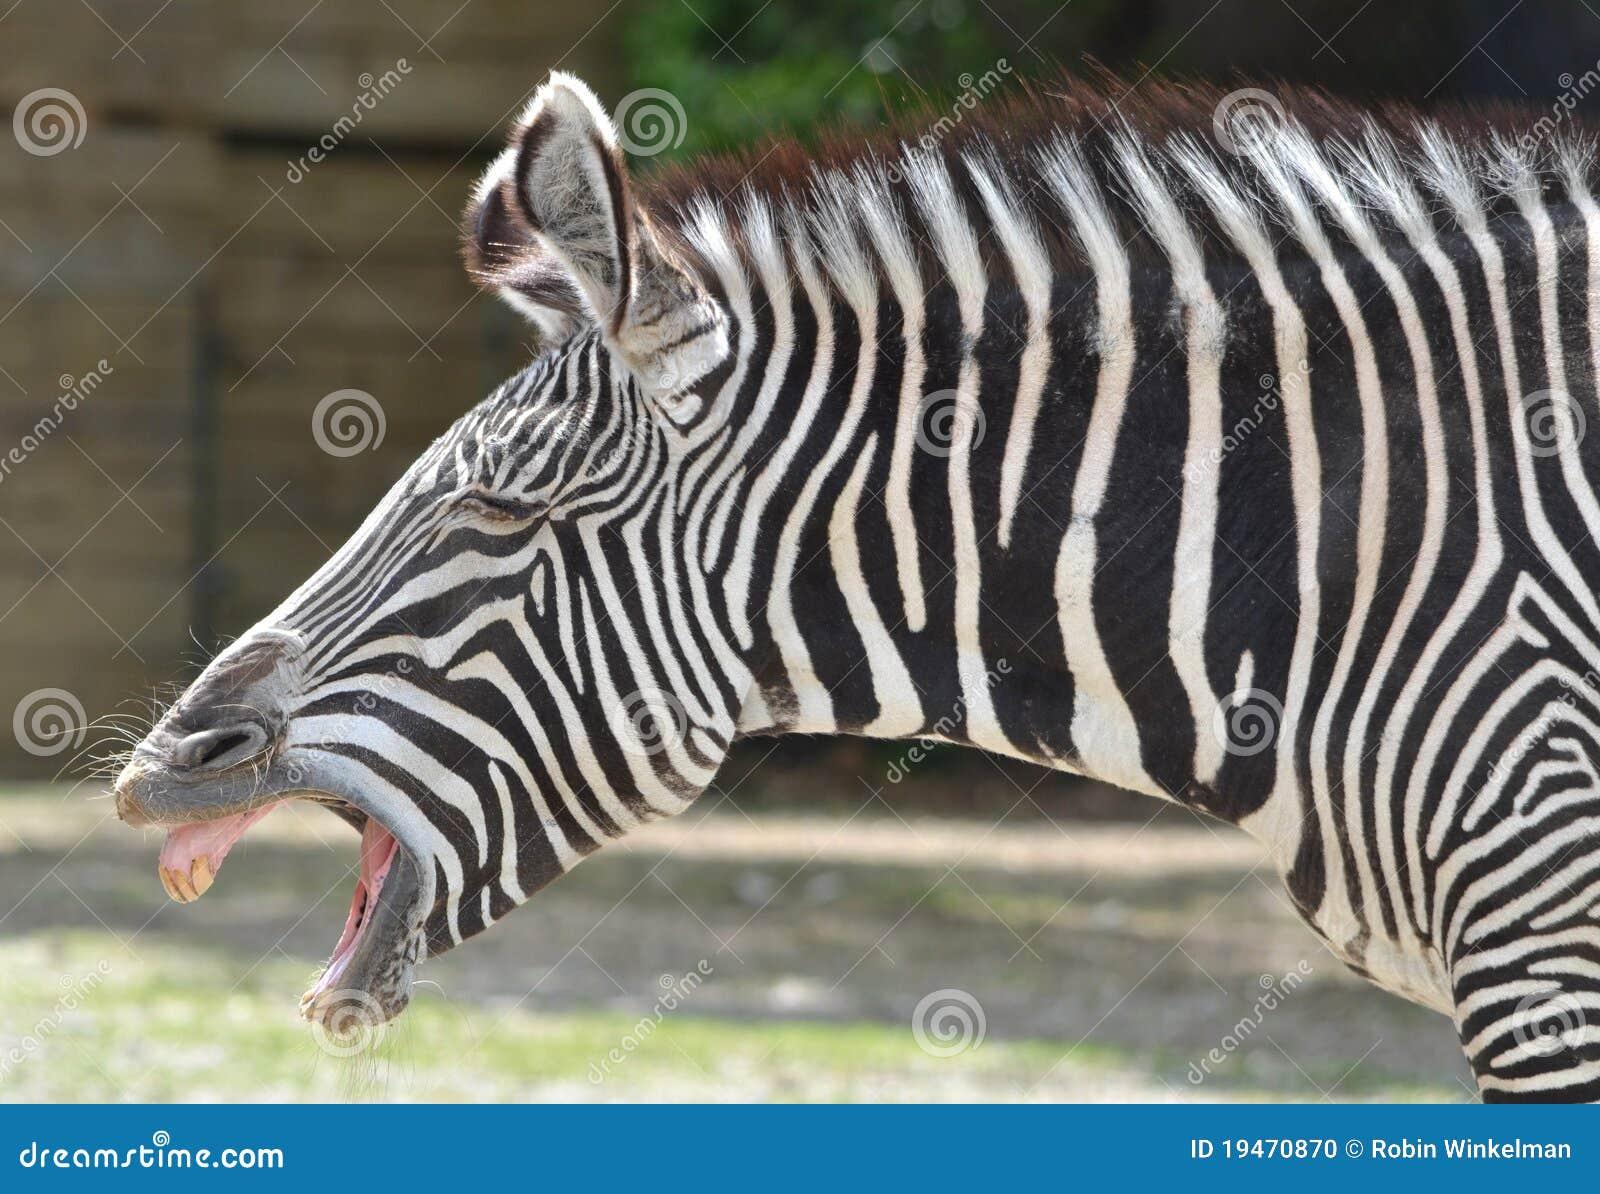 Zebra Laughing Stock Photo - Image: 19470870 - photo#31